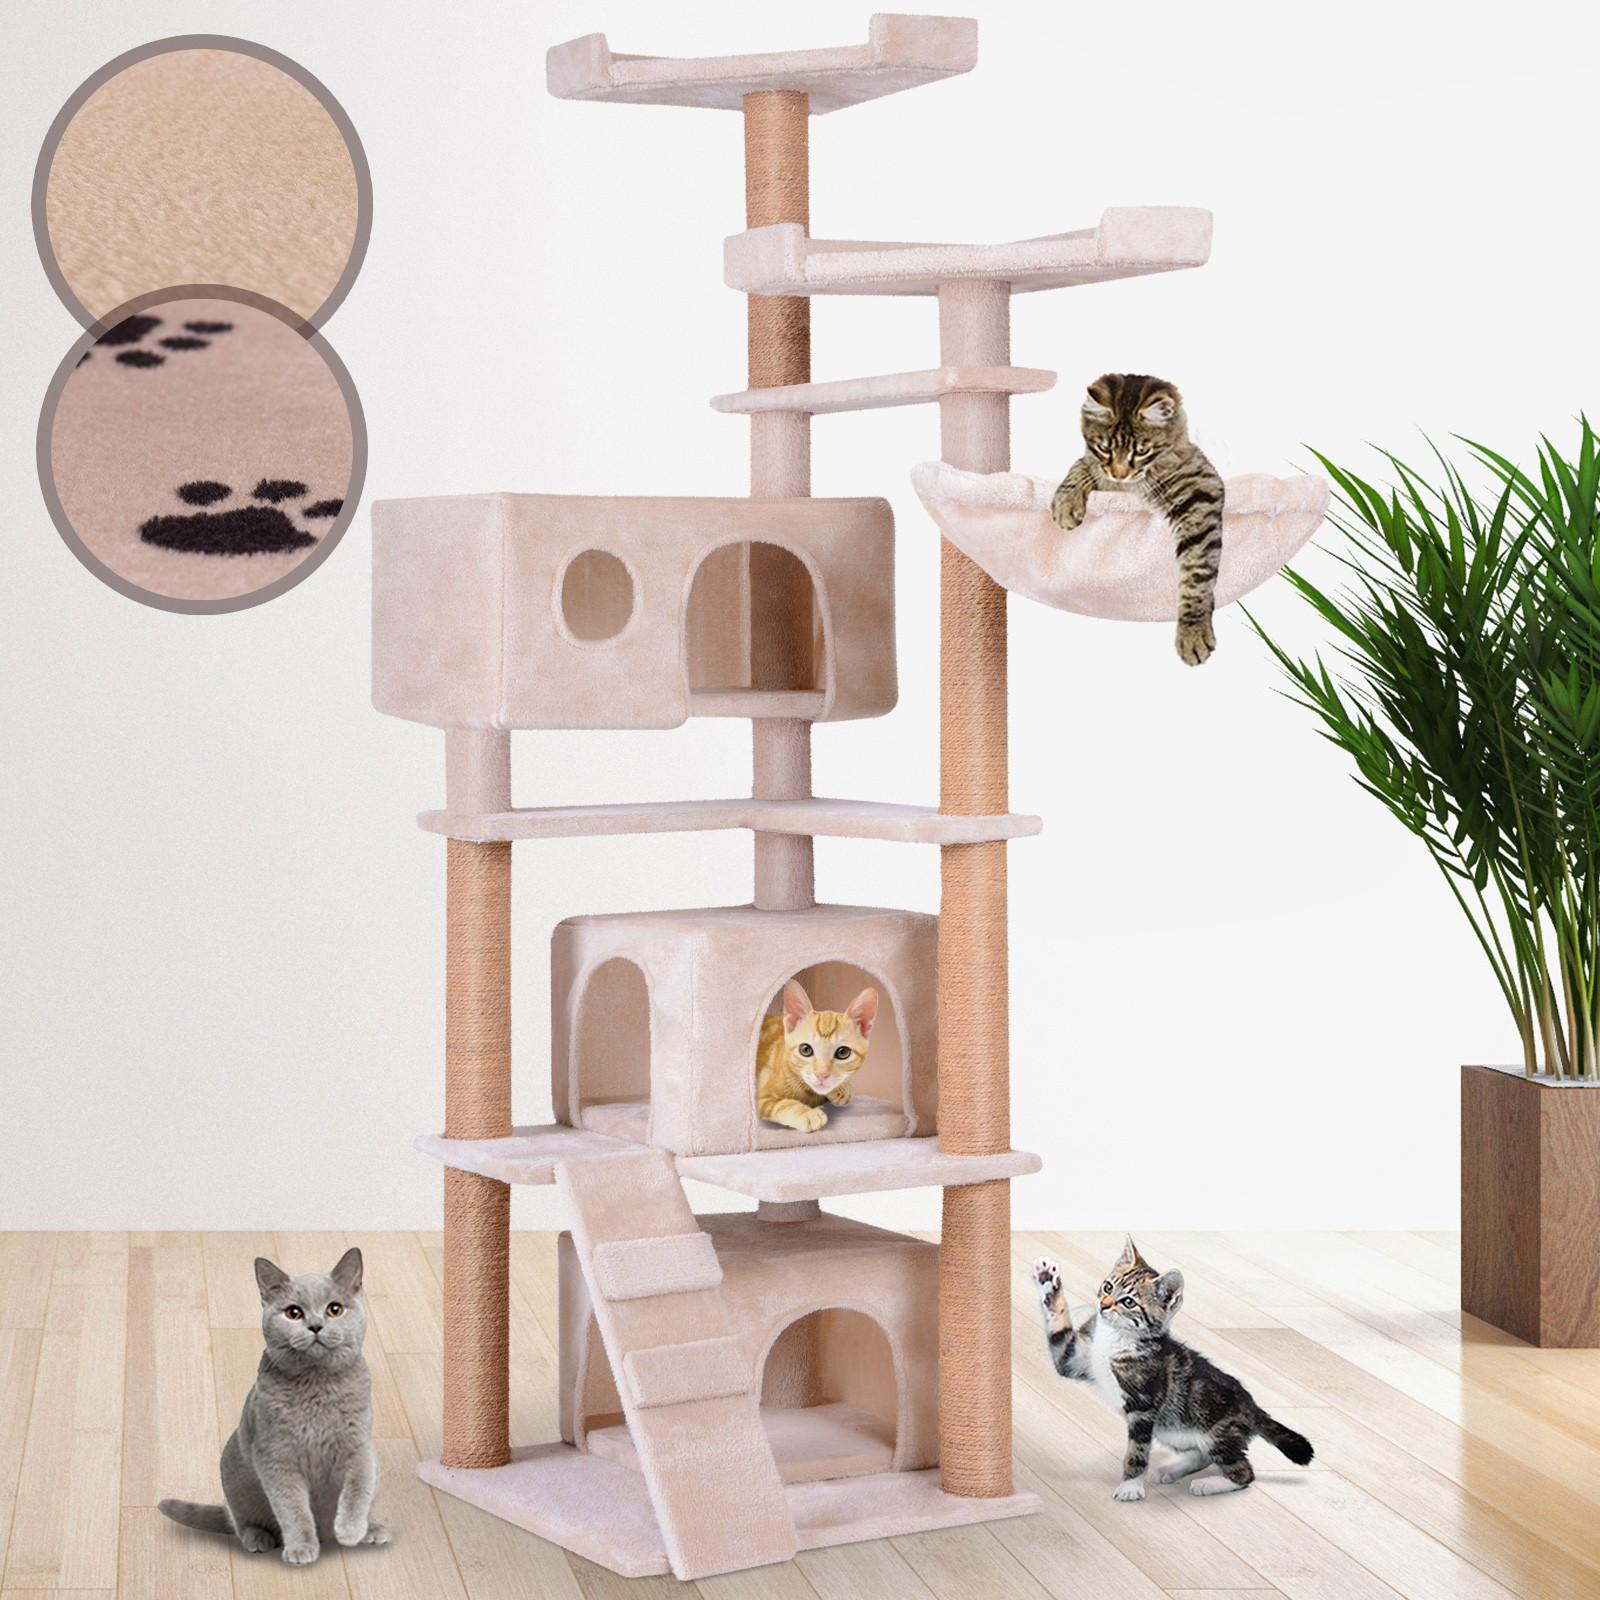 arbre chat petit griffoir arbre de jeu griffoir grattoir. Black Bedroom Furniture Sets. Home Design Ideas